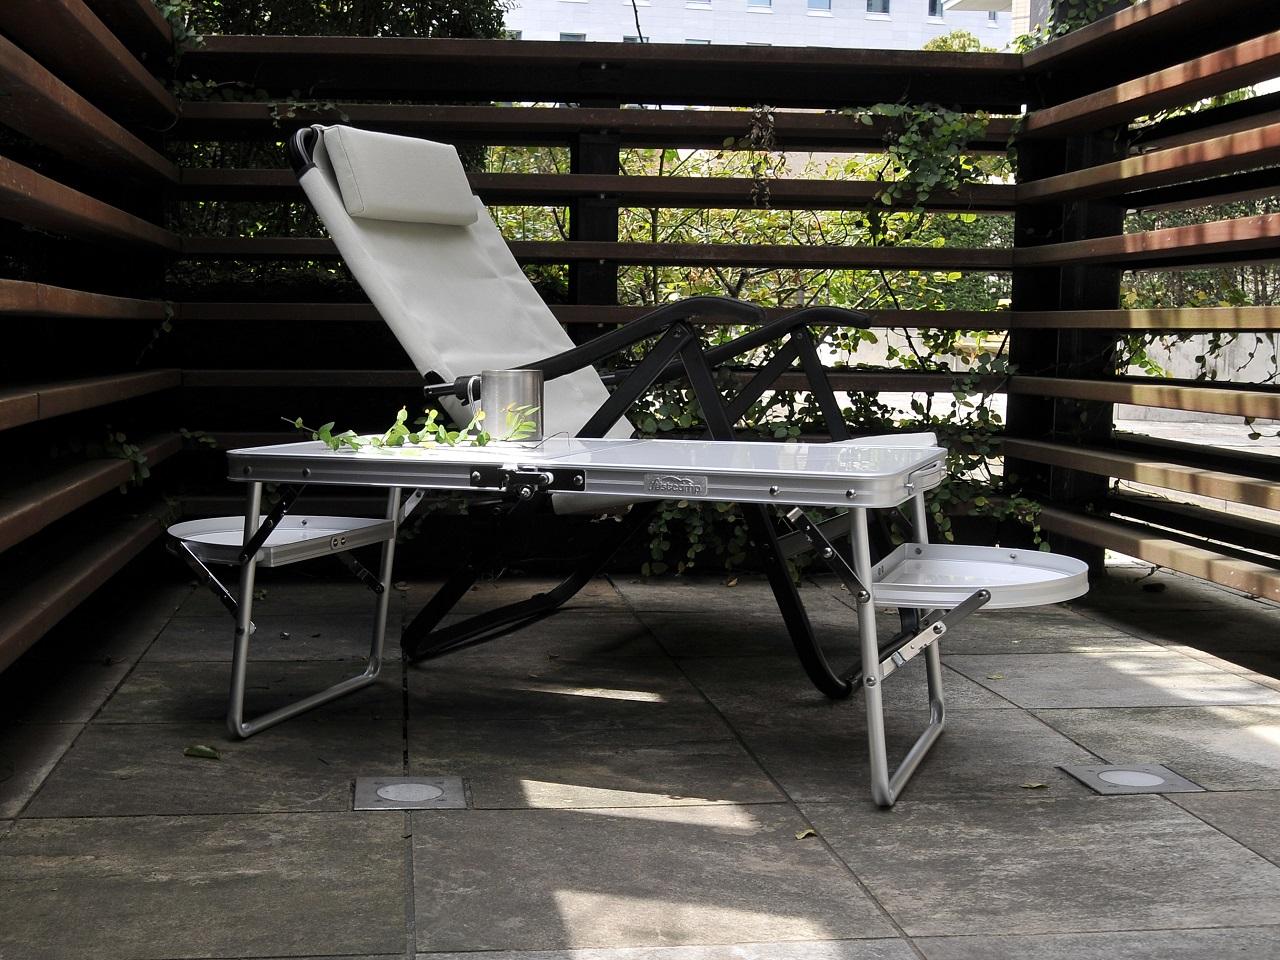 テント内でも外でも使える便利な小型テーブル<Onwayミニウイングテーブル>6